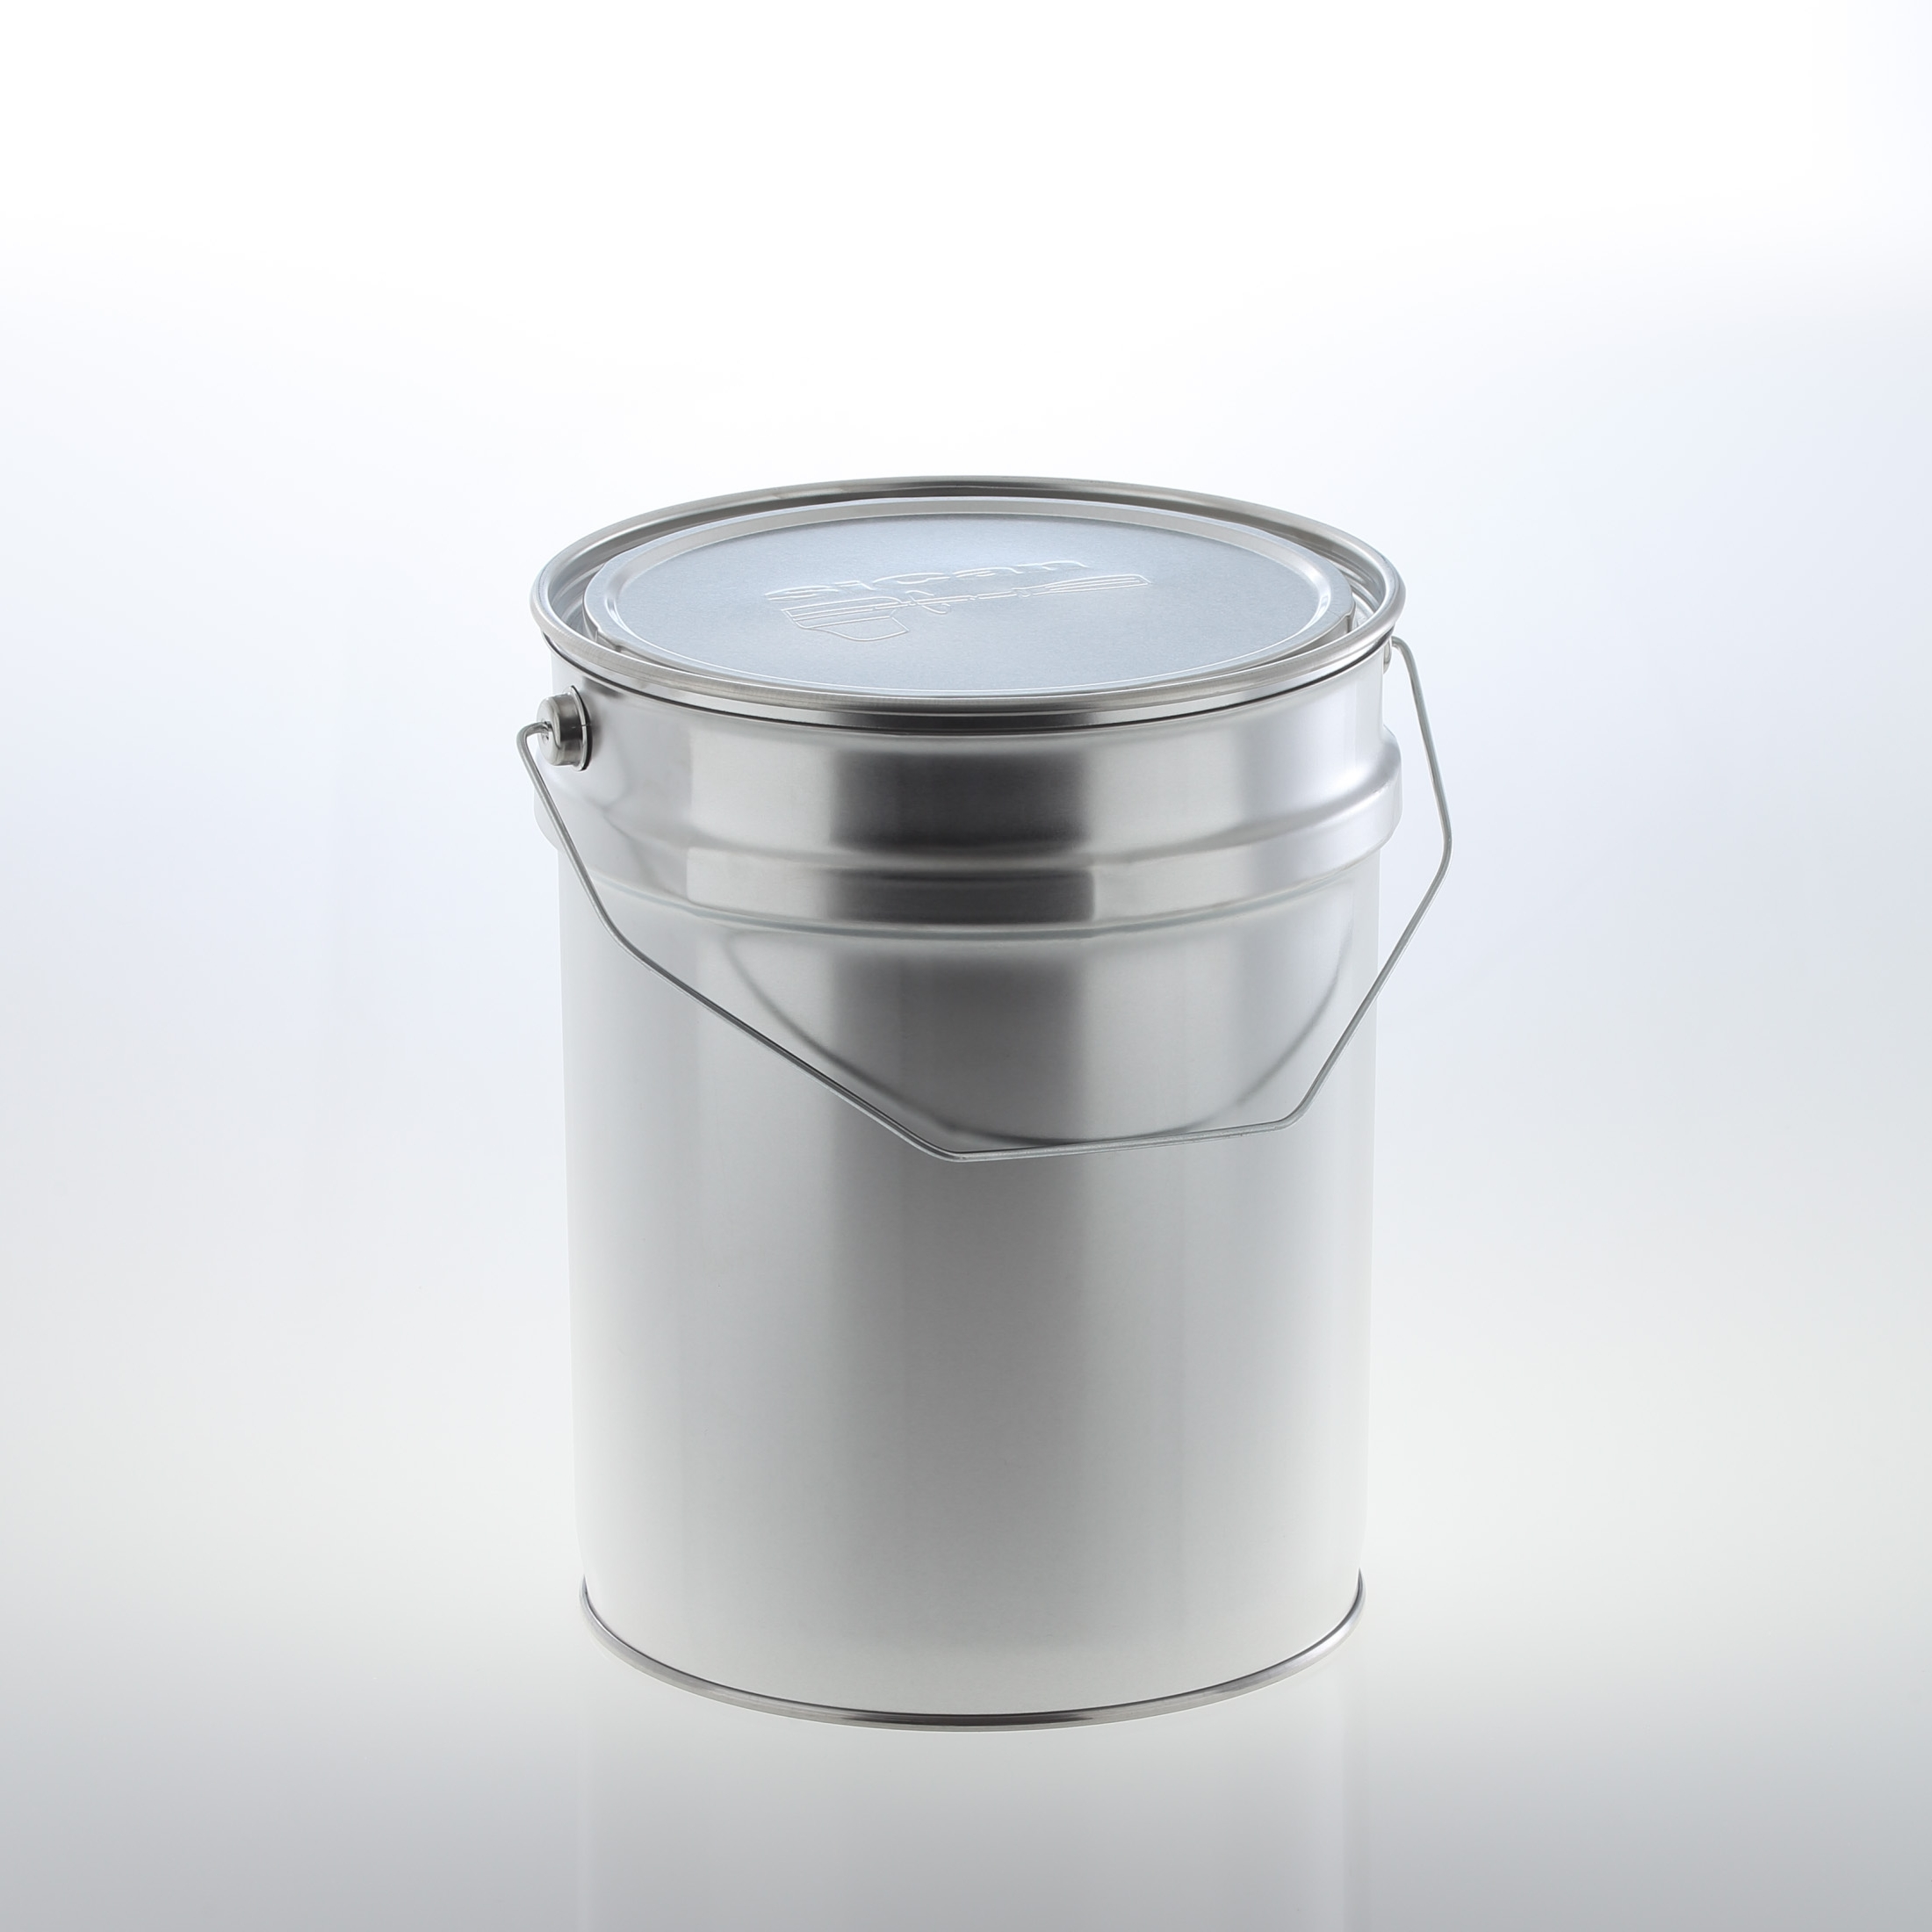 Metalleimer 10 Liter SiCan+